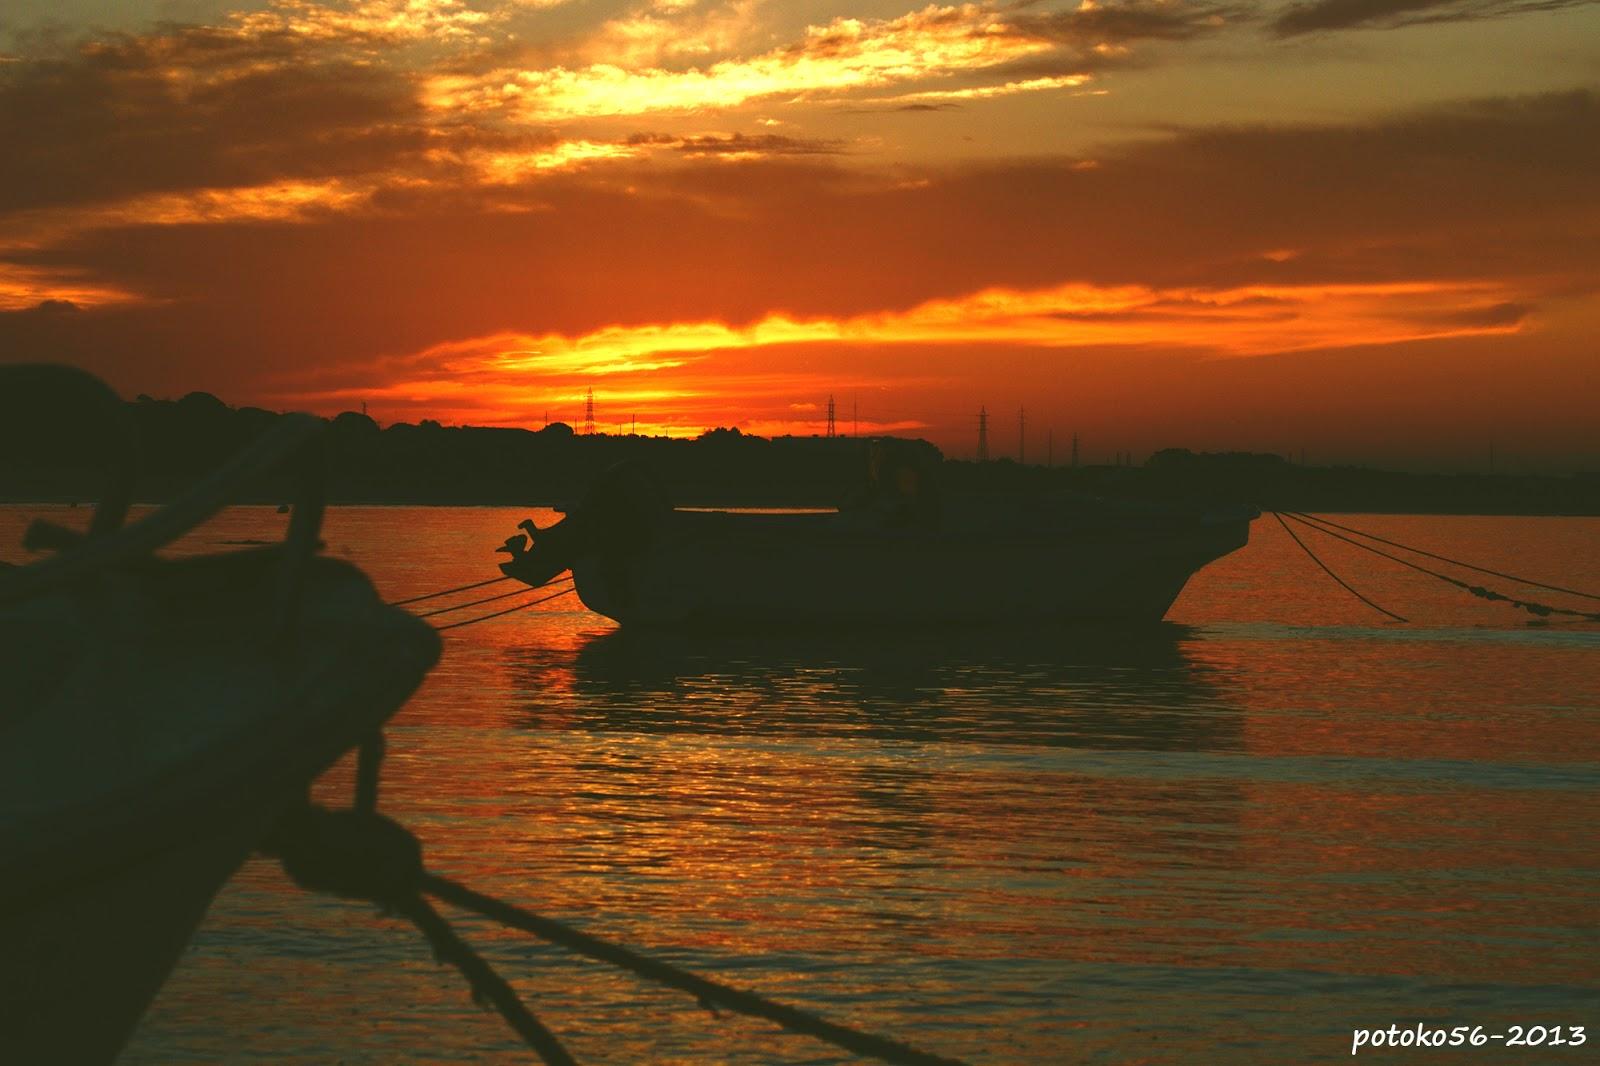 Para verlo Playa del chorrillo amanece Rota